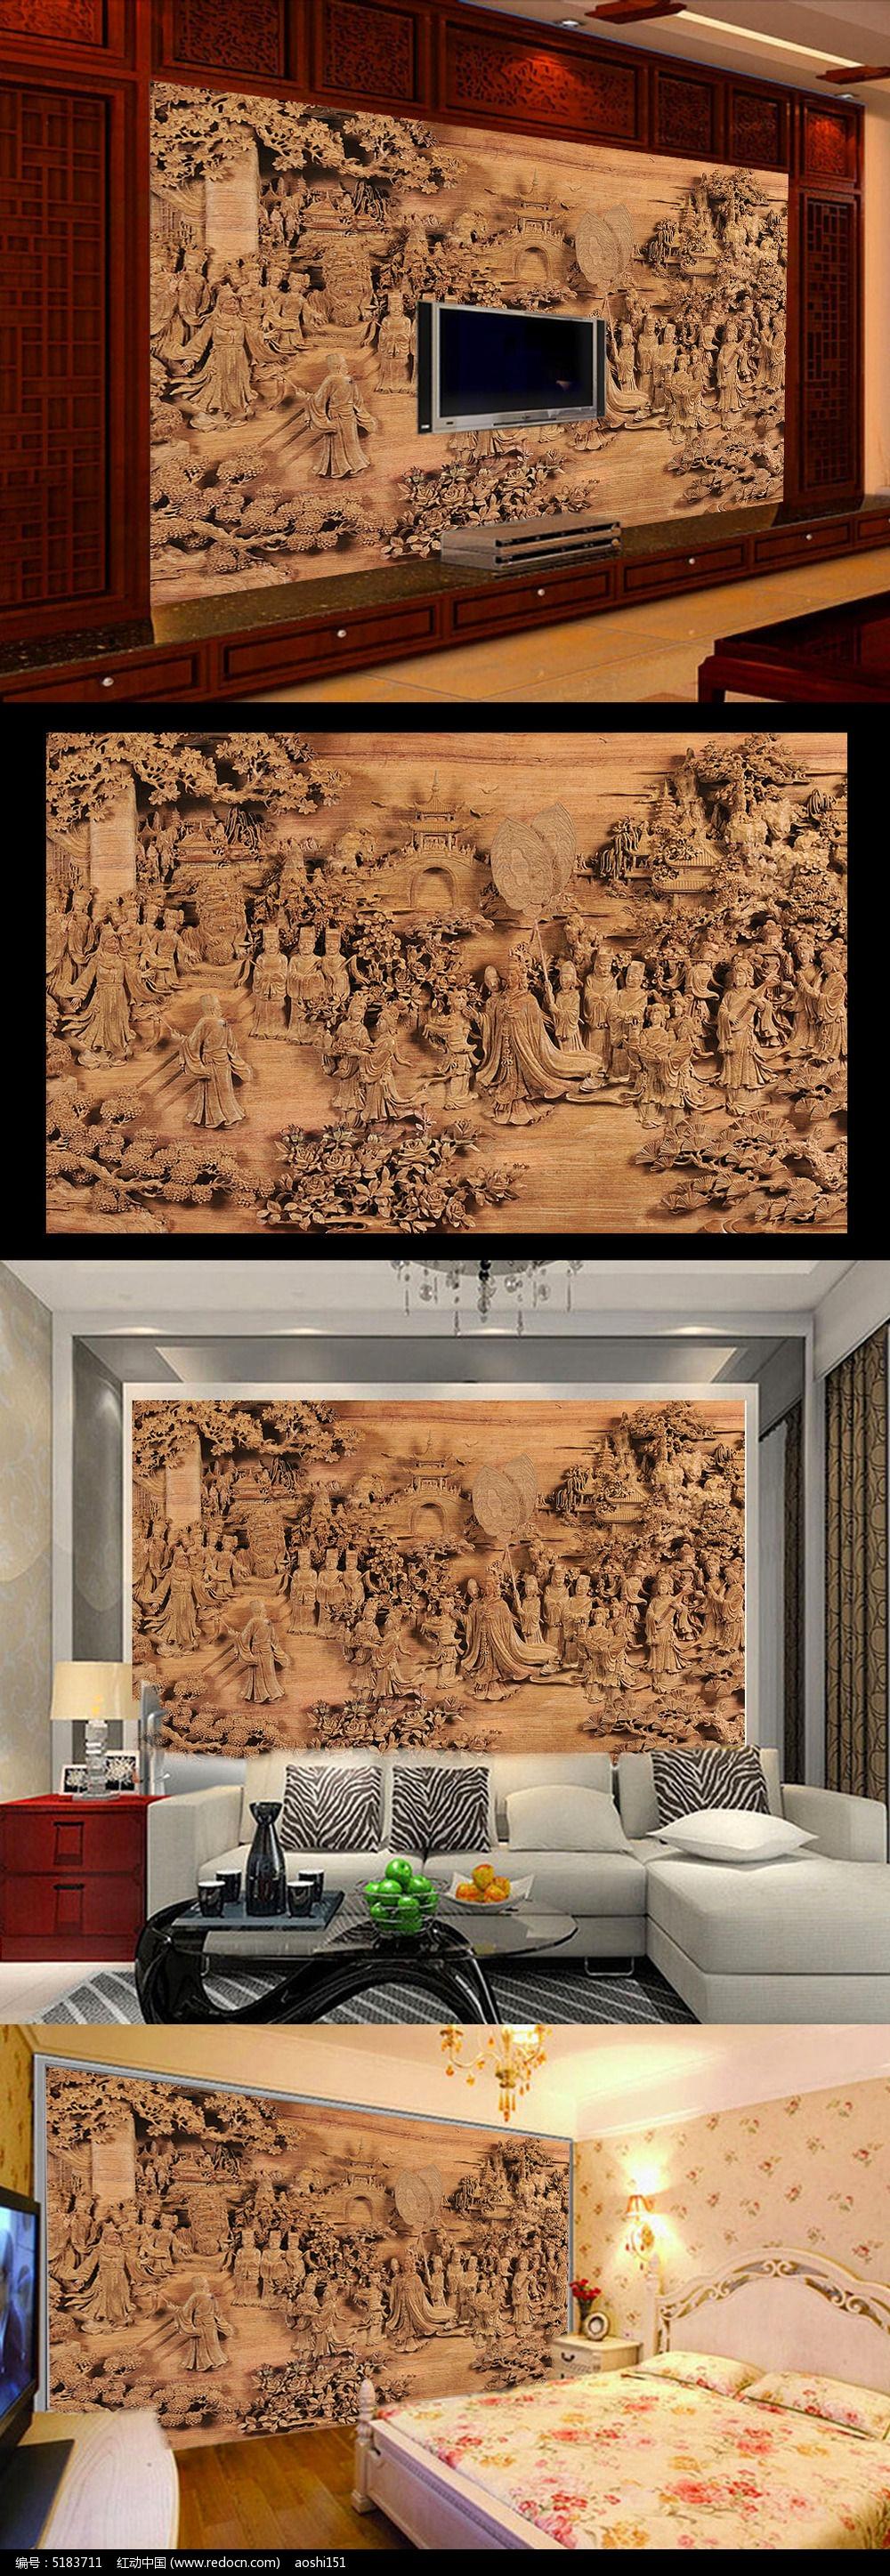 中式古典木雕皇宫宫殿背景墙装饰画图片